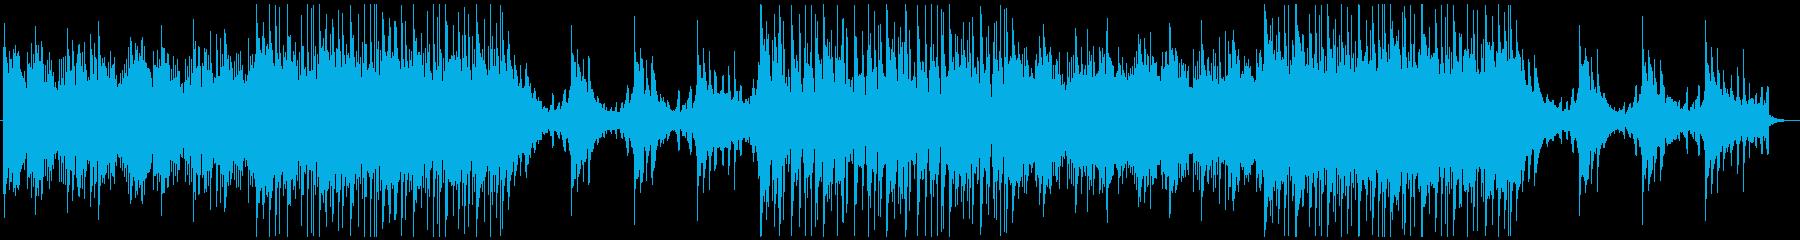 和風アコースティックポップ/メインテーマの再生済みの波形